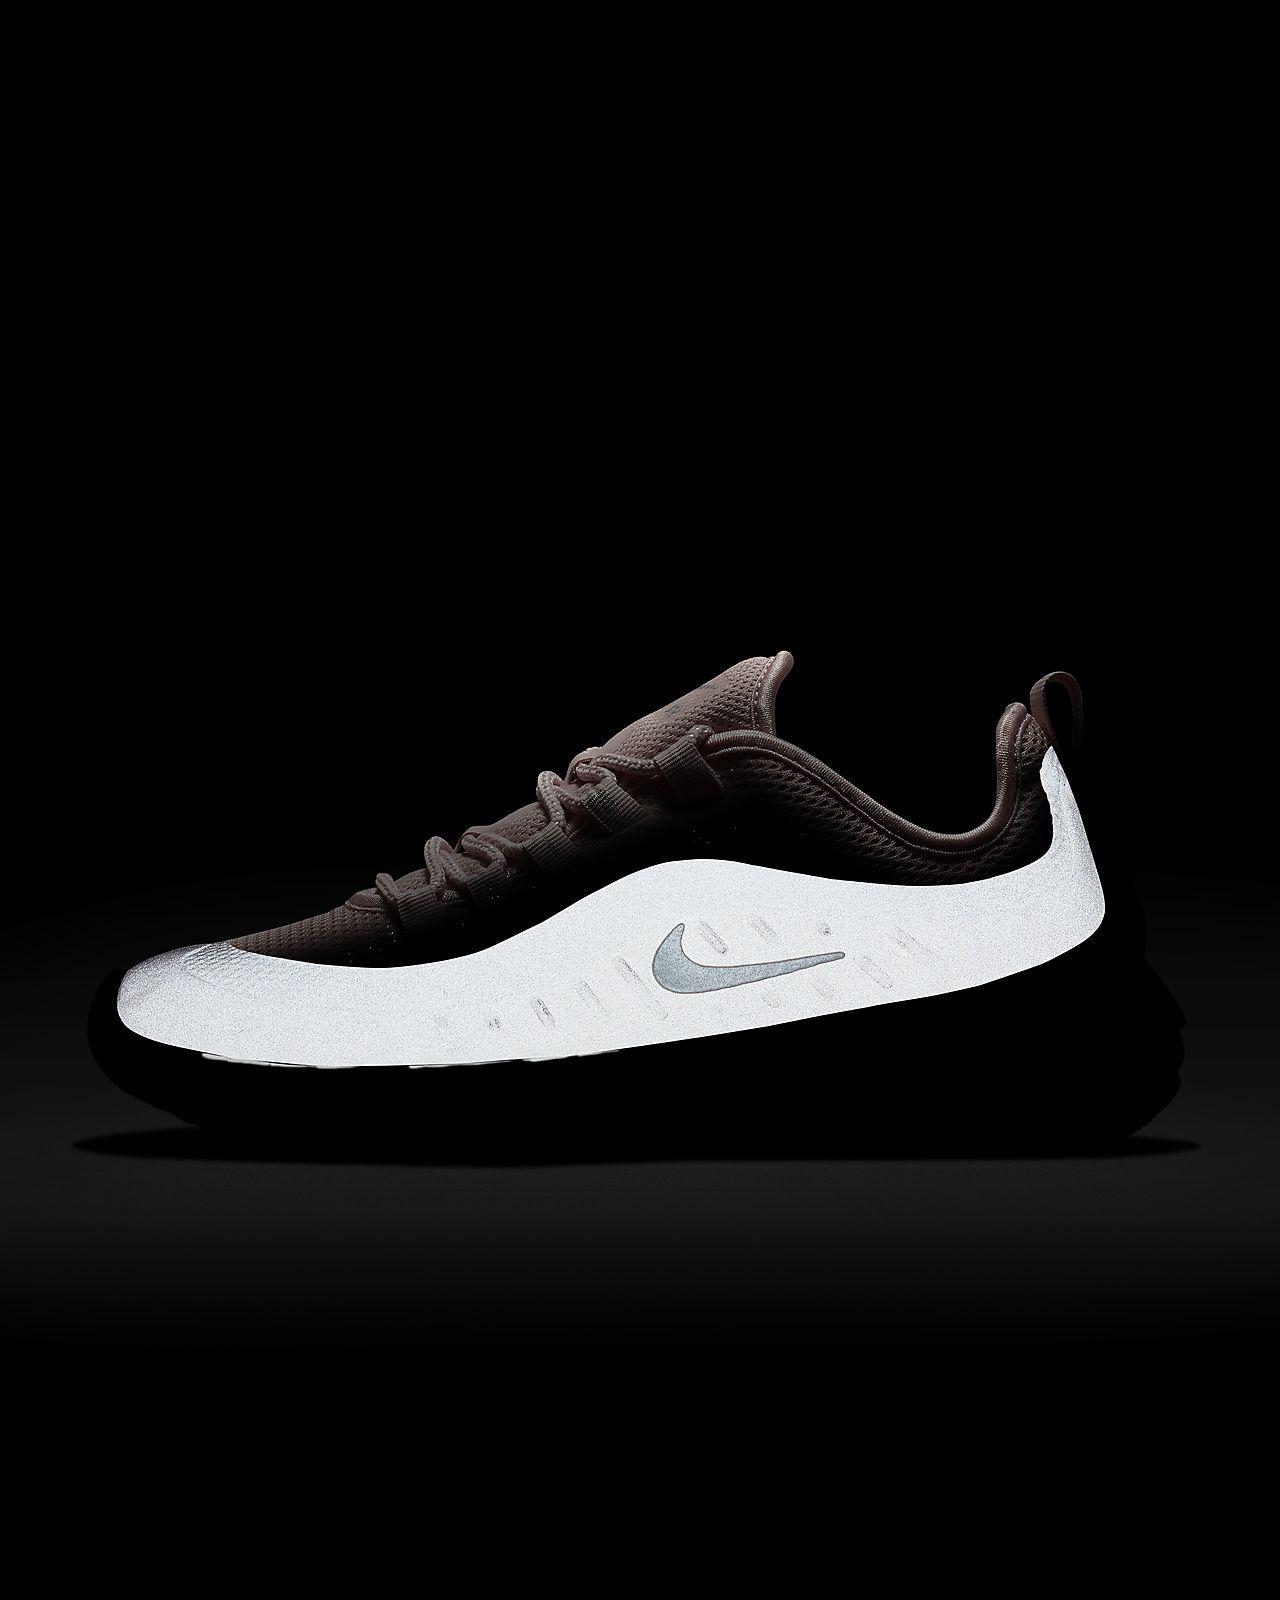 Chaussure Nike Air Max Axis Premium pour Femme